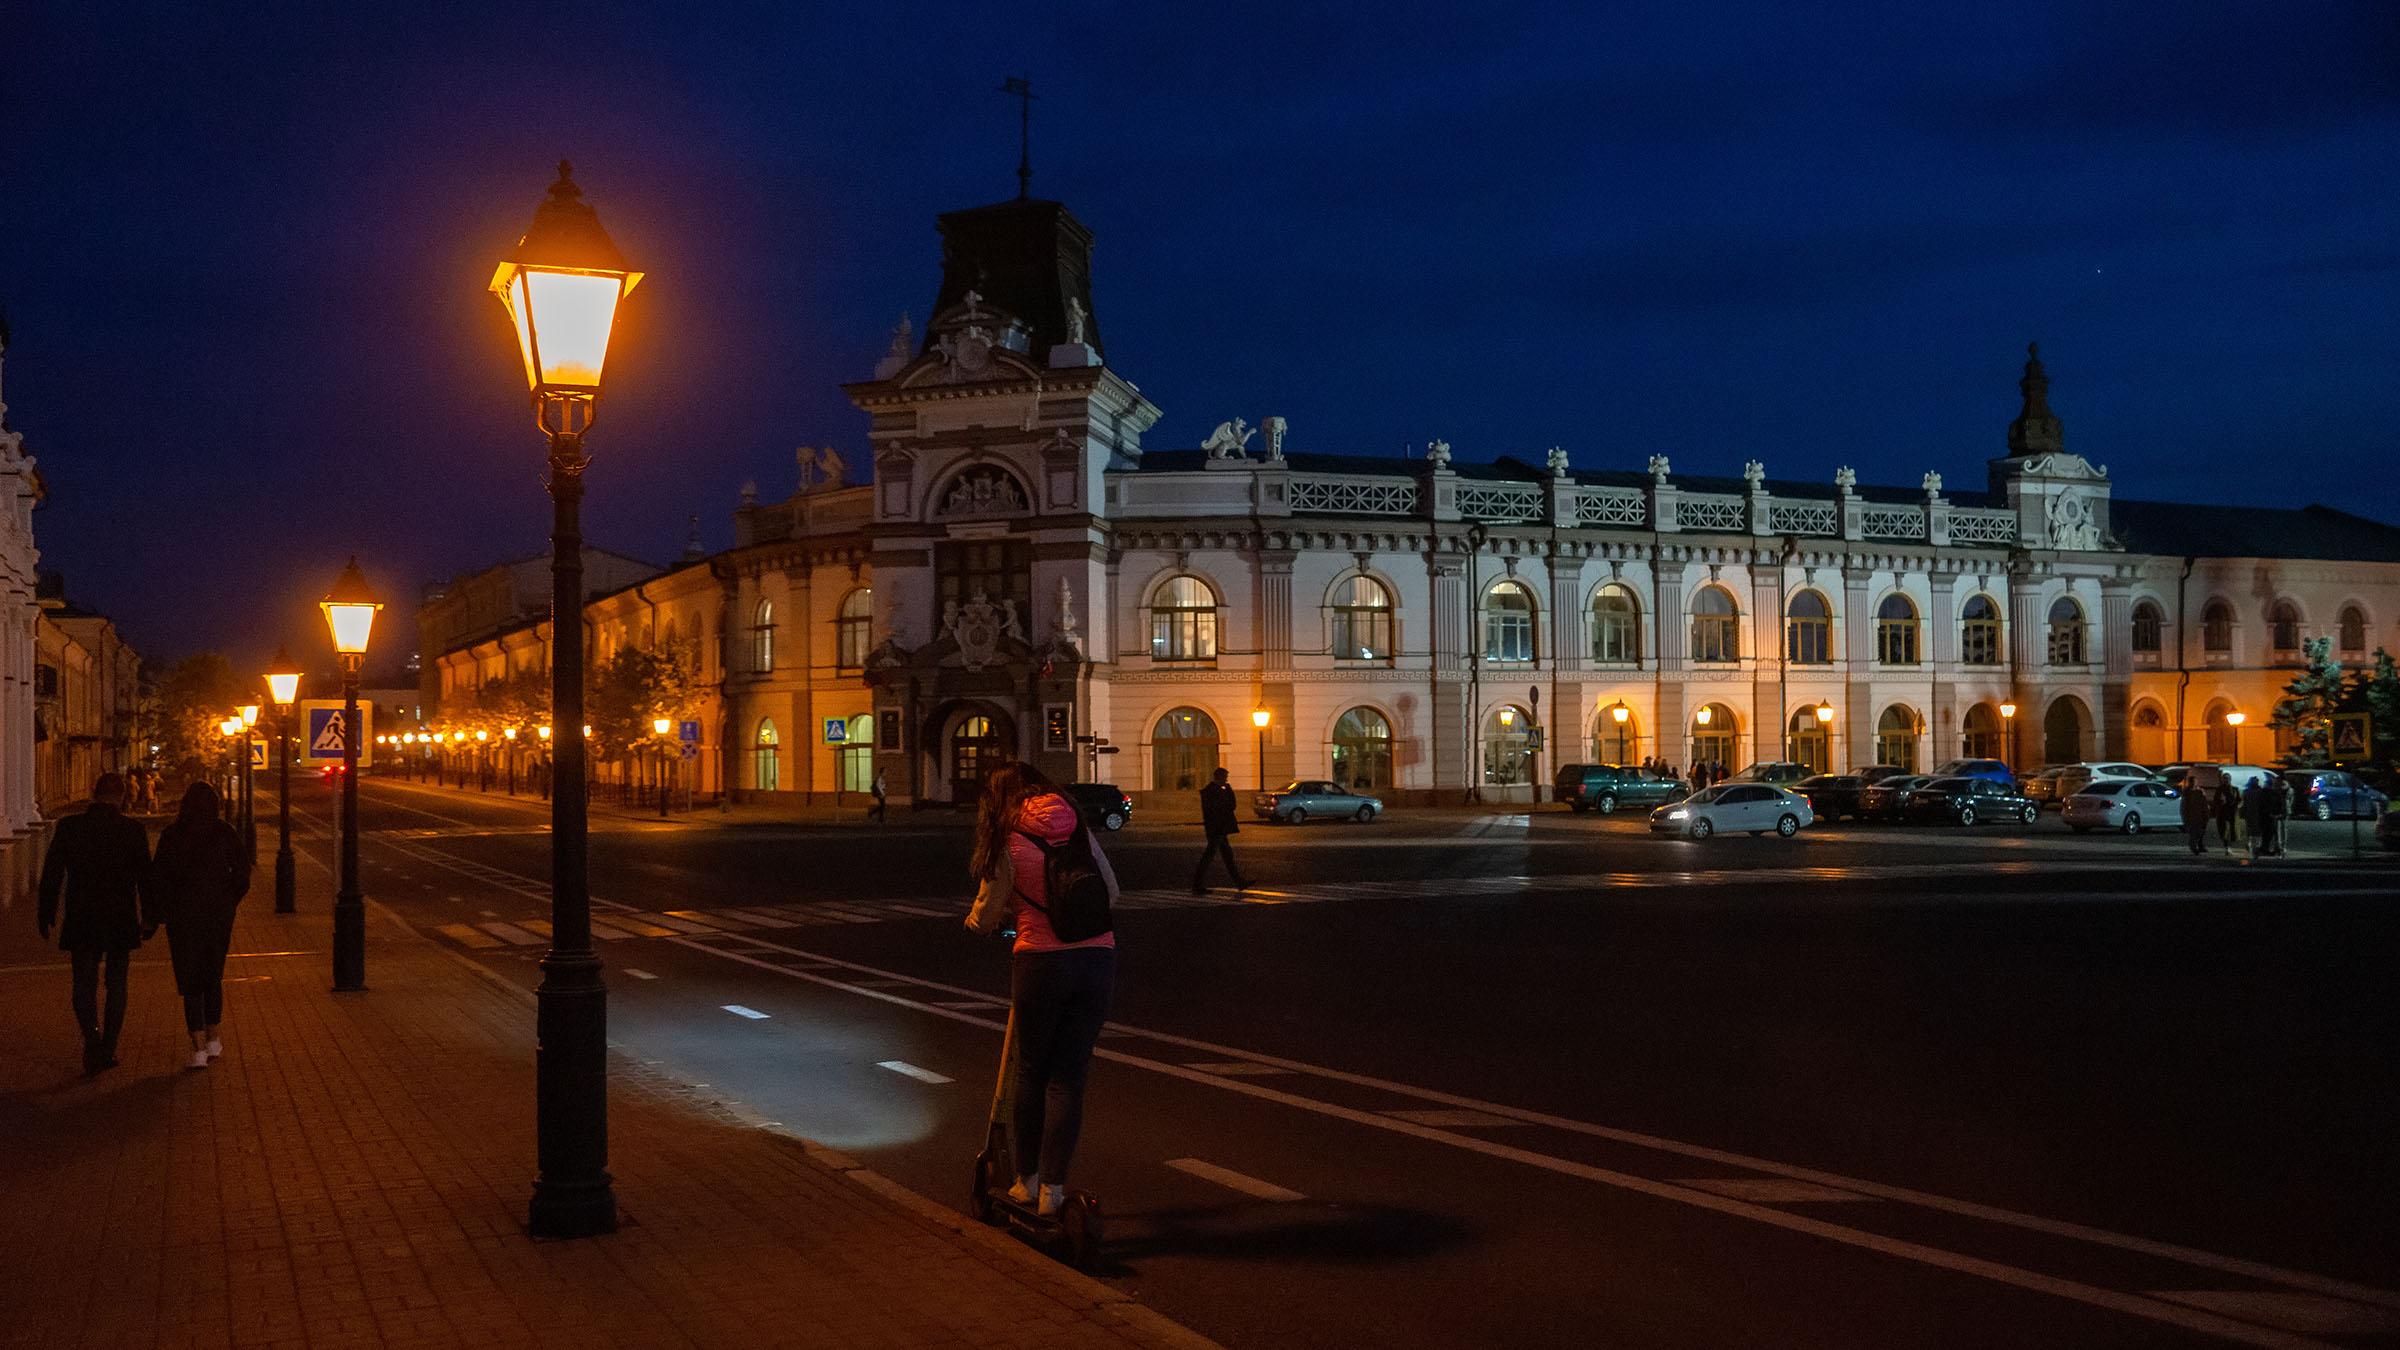 Национальный музей РТ, октябрь 2020, Казань::Казань, Кремль, вечерняя прогулка